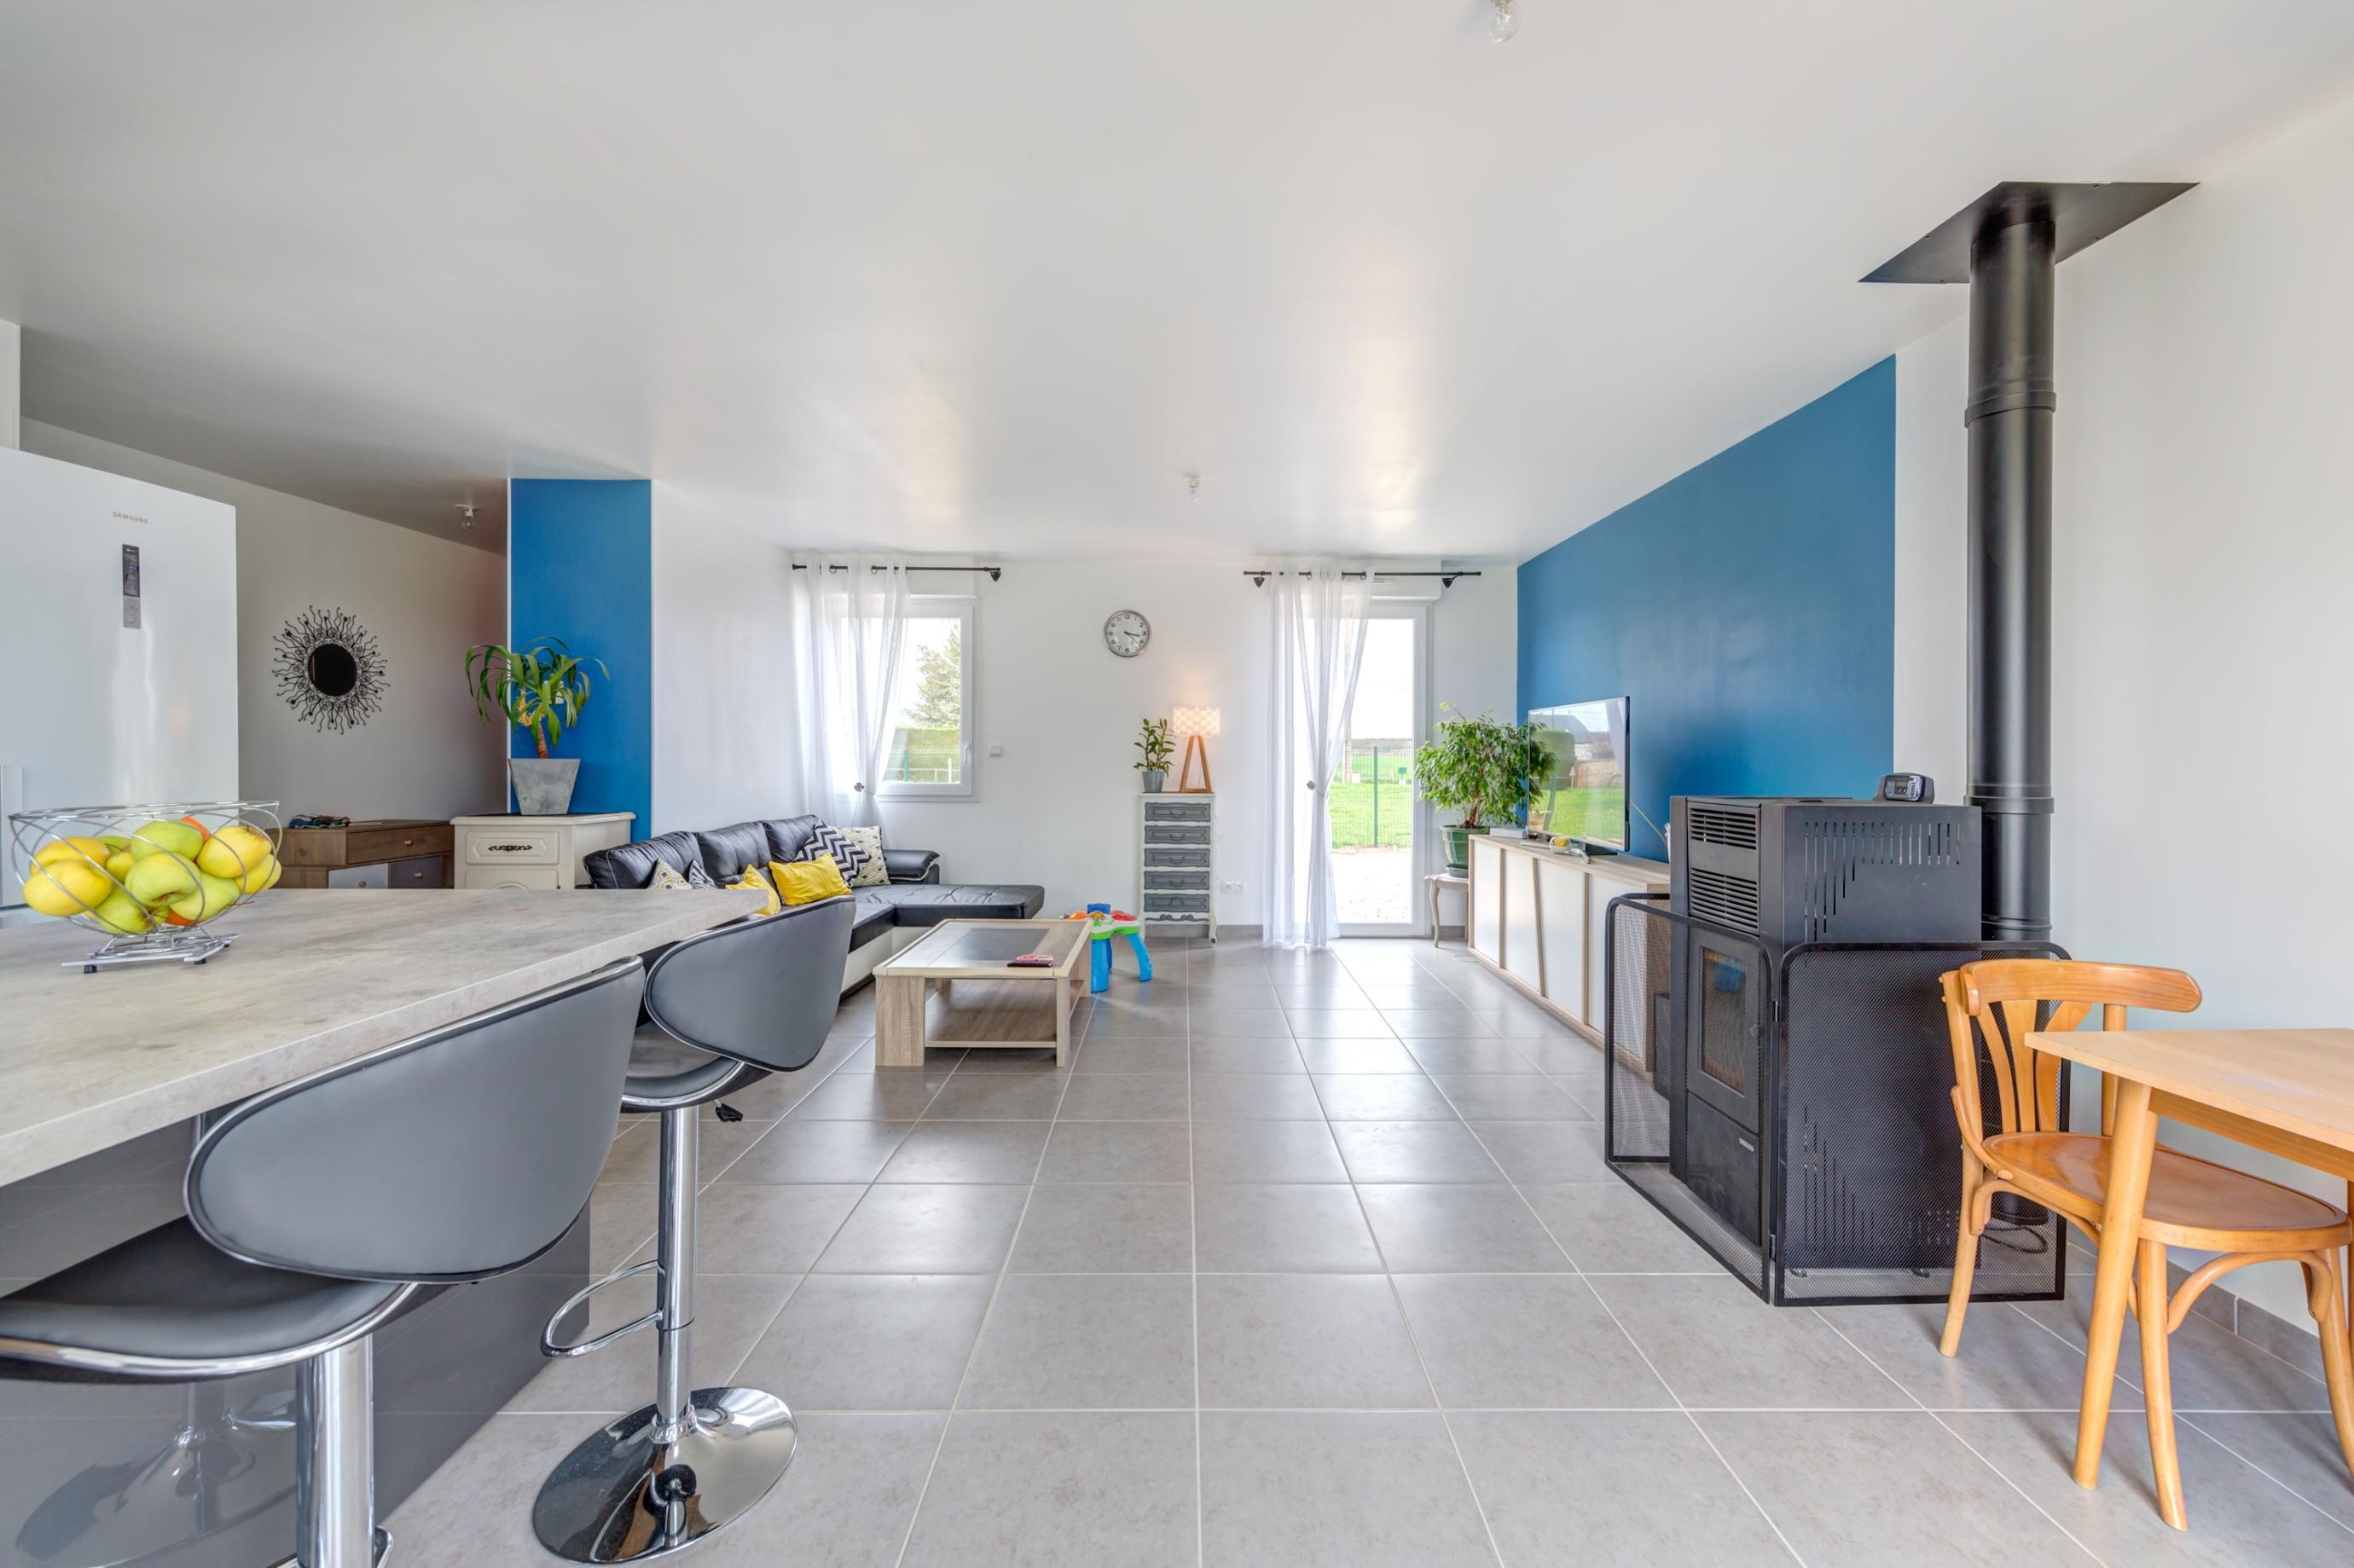 Maisons + Terrains du constructeur MAISONS PHENIX • 93 m² • LIHONS